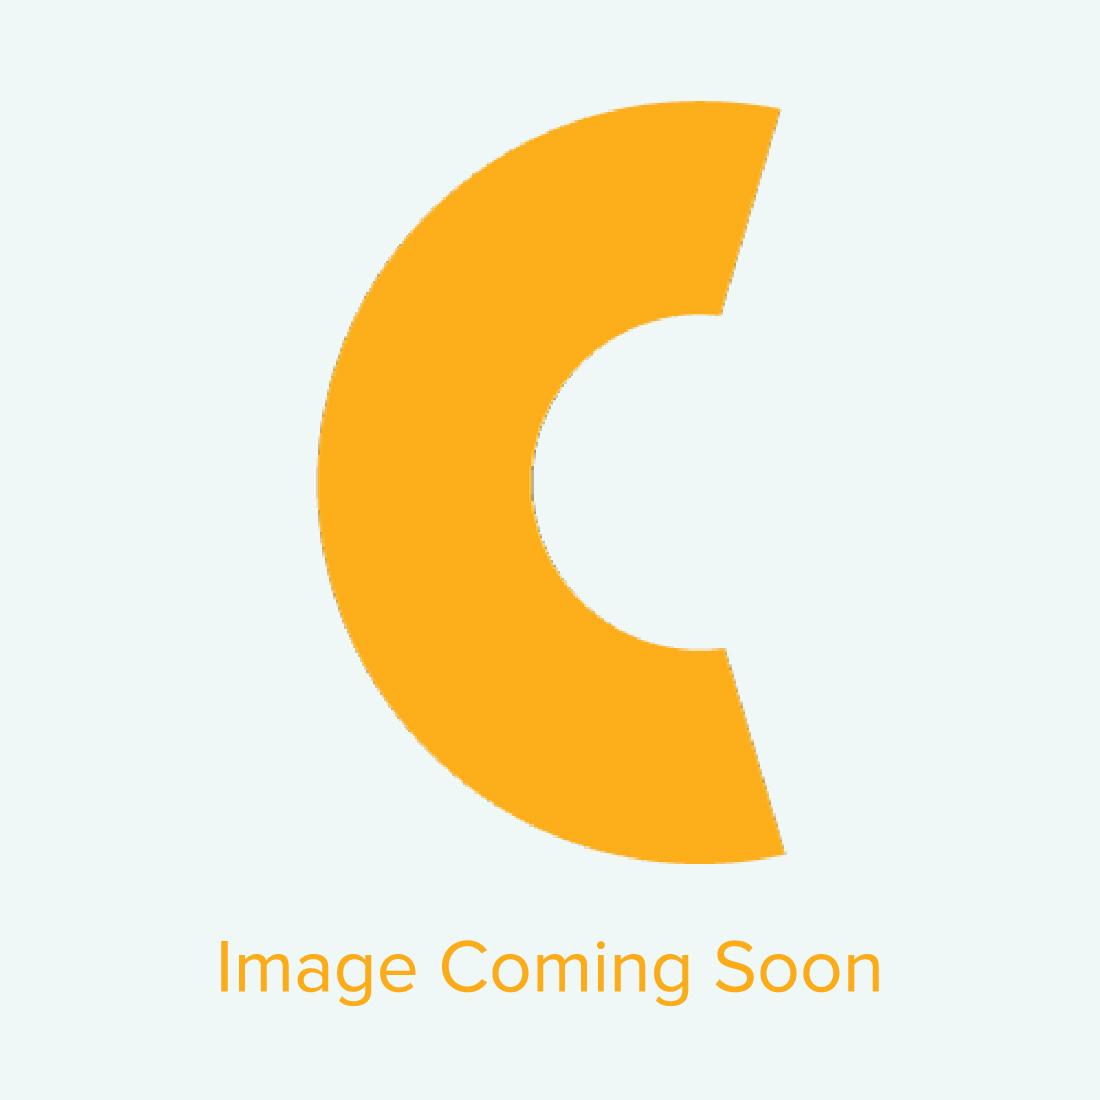 """Hix S-650P Digital Auto Opening Clamshell Heat Press Machine - 16"""" x 20"""""""